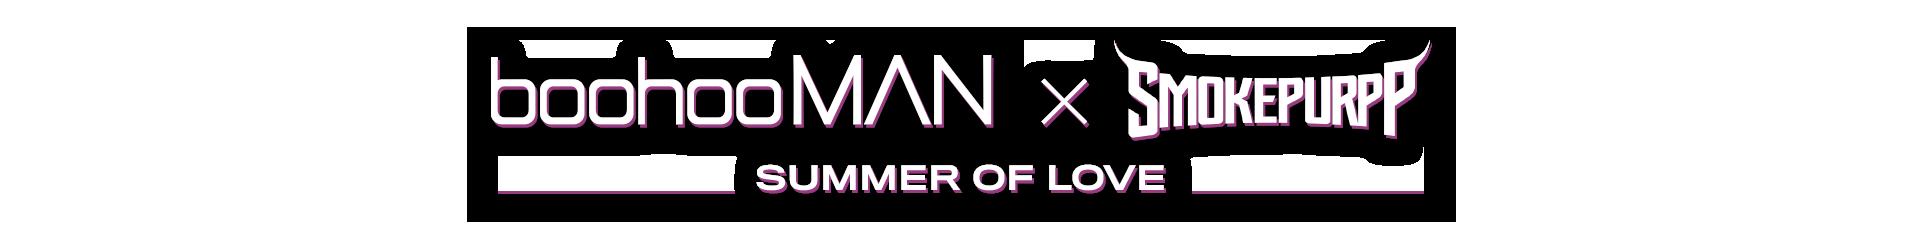 BoohooMAN | BoohooMAN x Smokepurpp logo